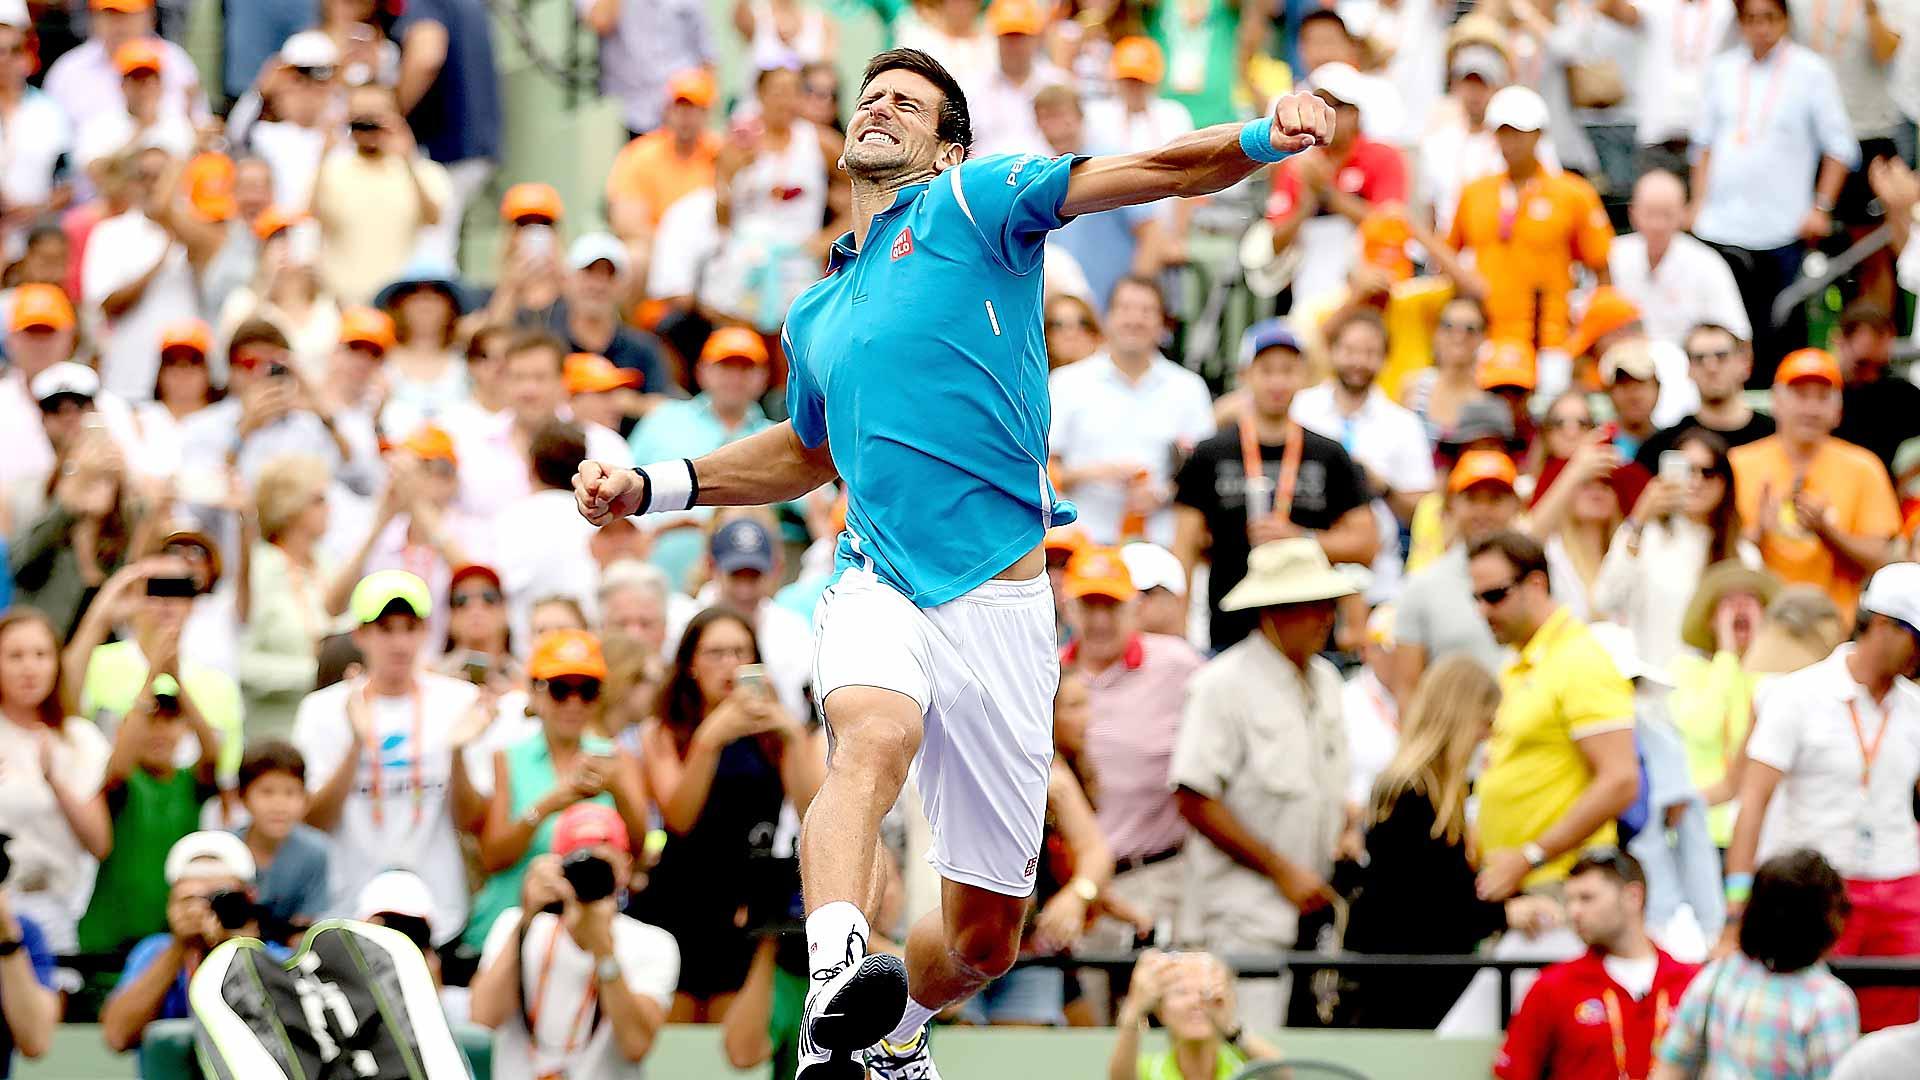 Djokovic reina en solitario con 28 Masters 1000